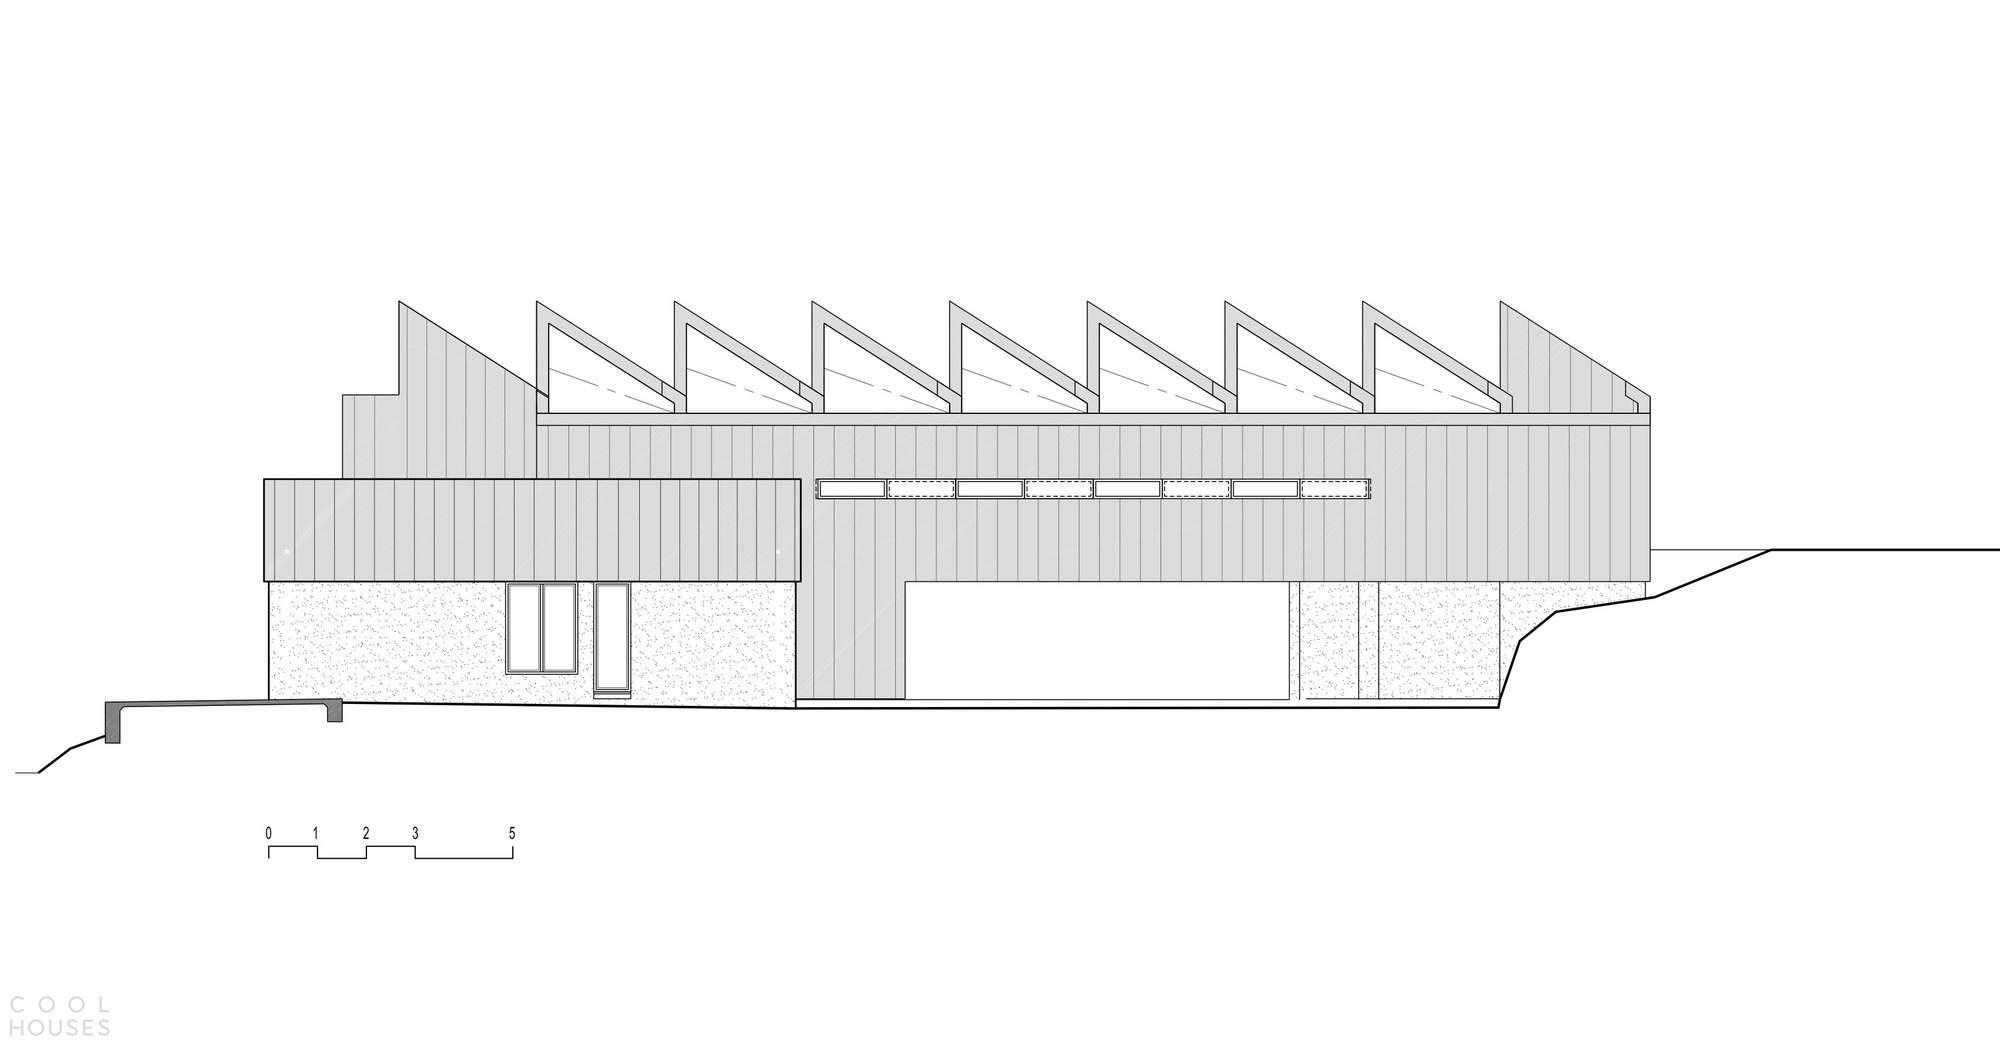 Семейный дом с ритмичной зубчатой крышей, Австралия